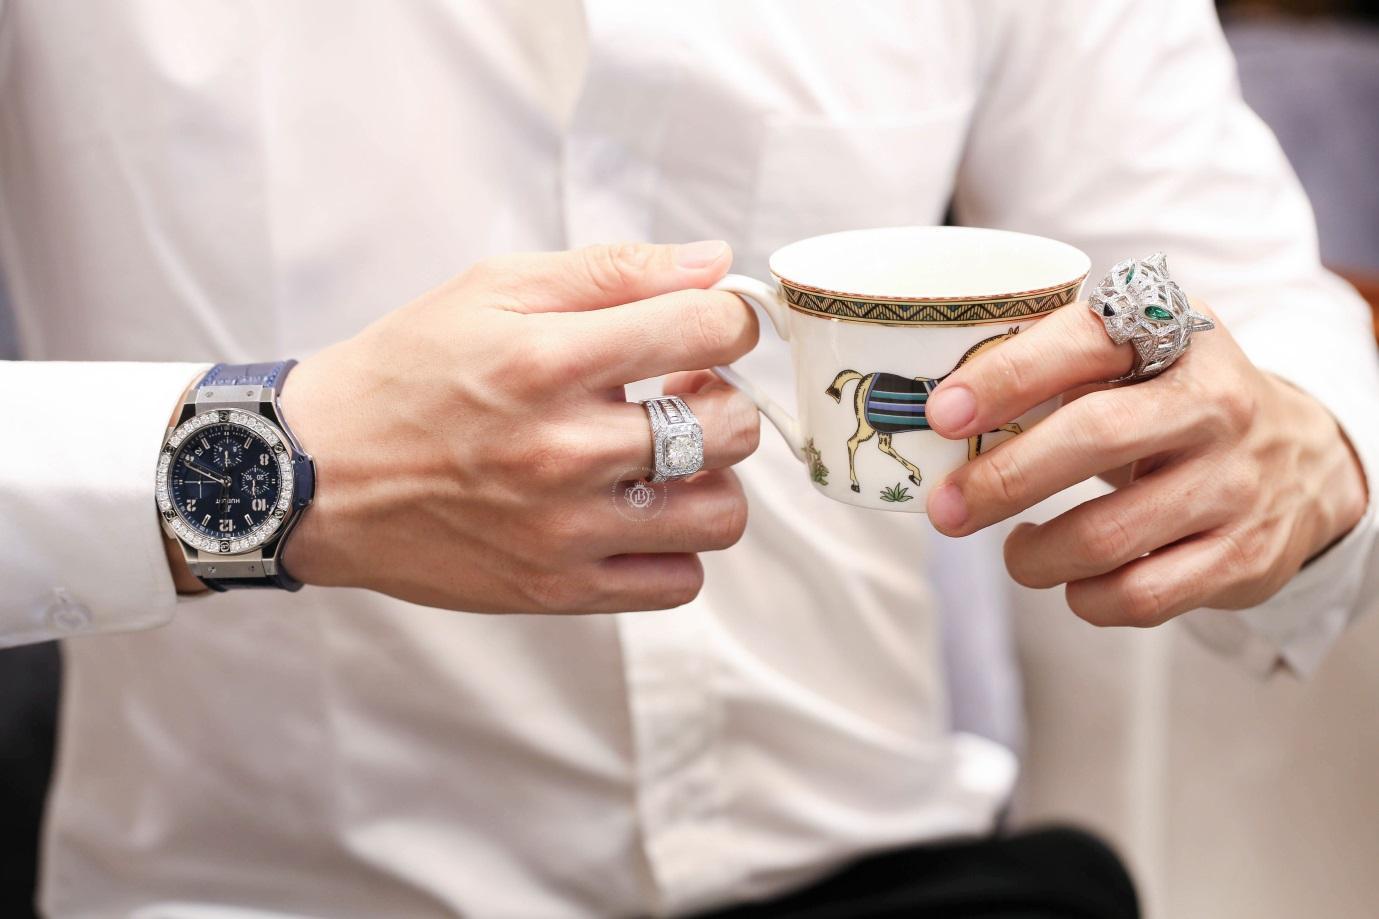 Cách đeo đồng hồ Hublot và phối hợp cùng các trang phục chuẩn nhất